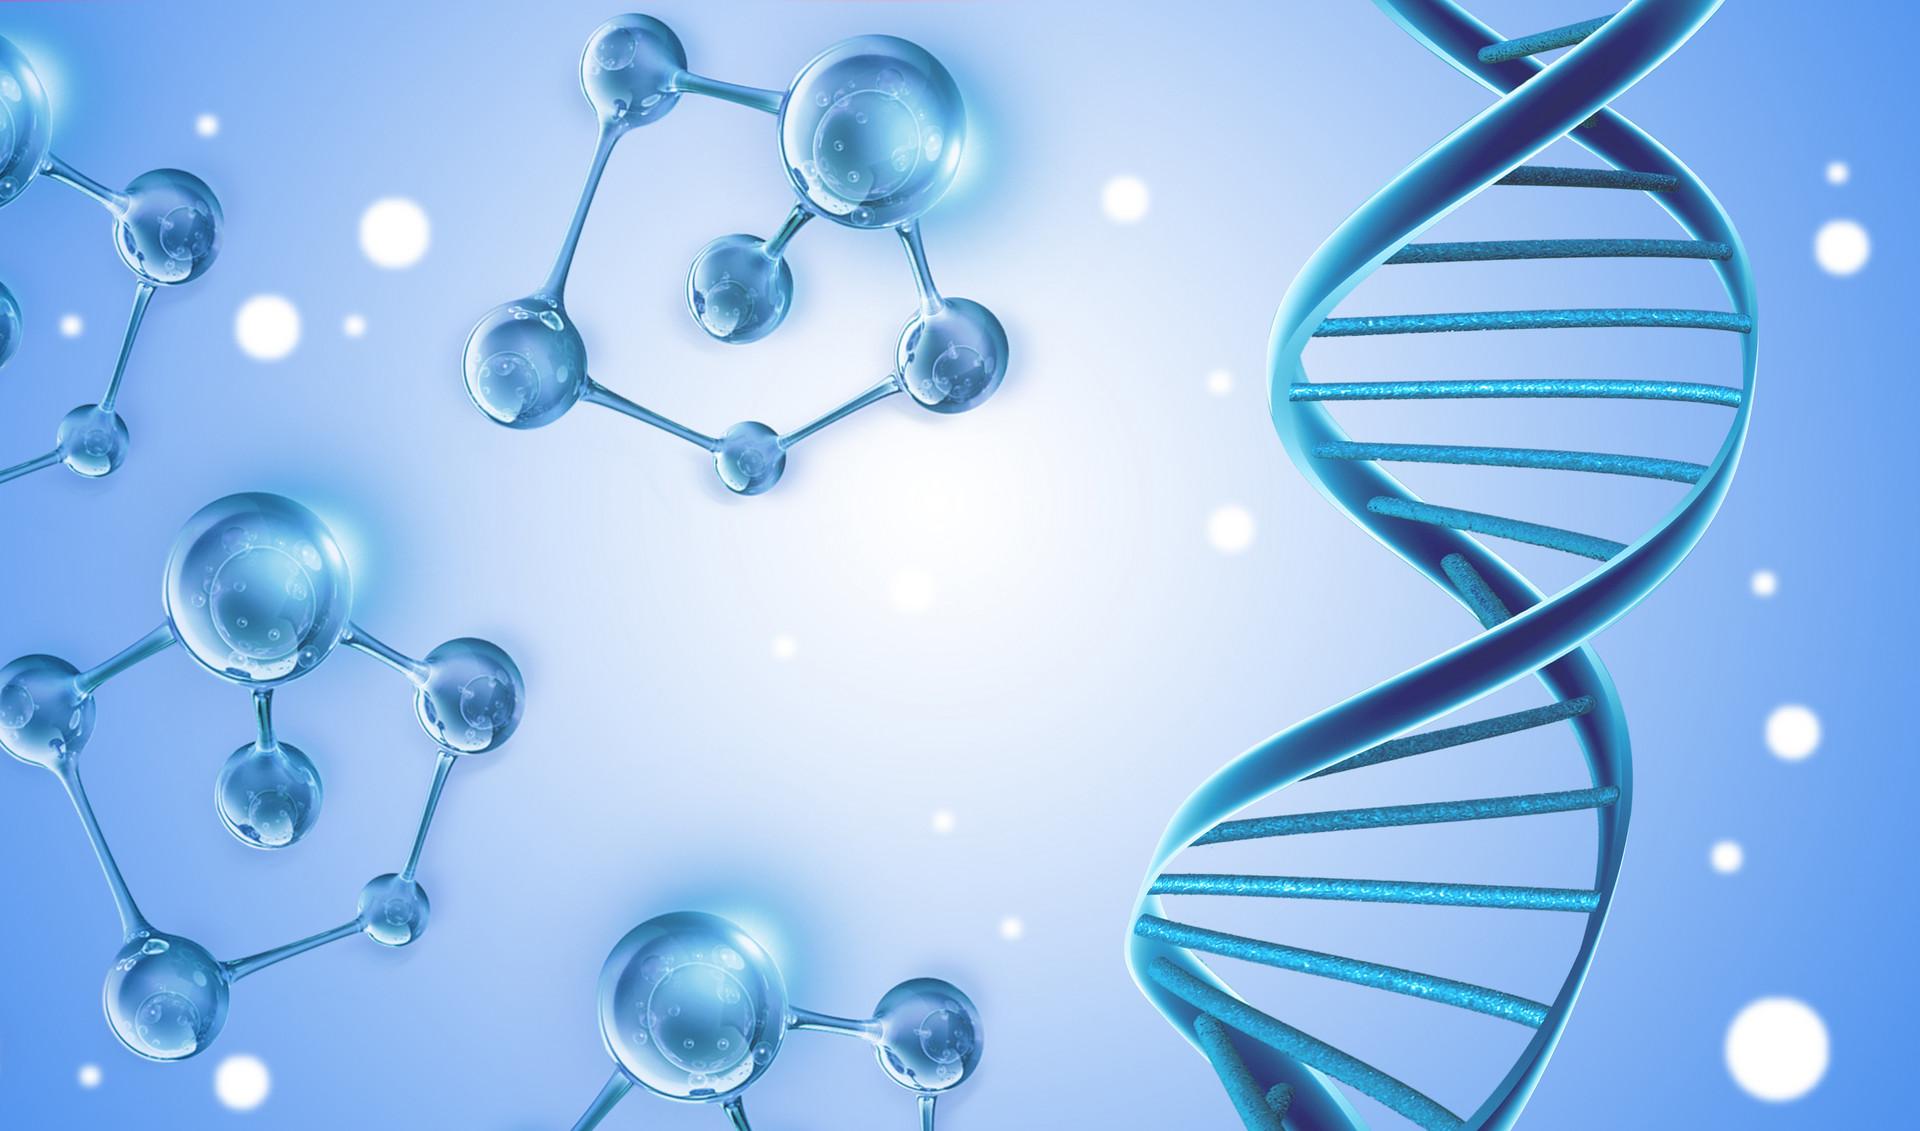 国之利器—干细胞再生 医疗领域新方向